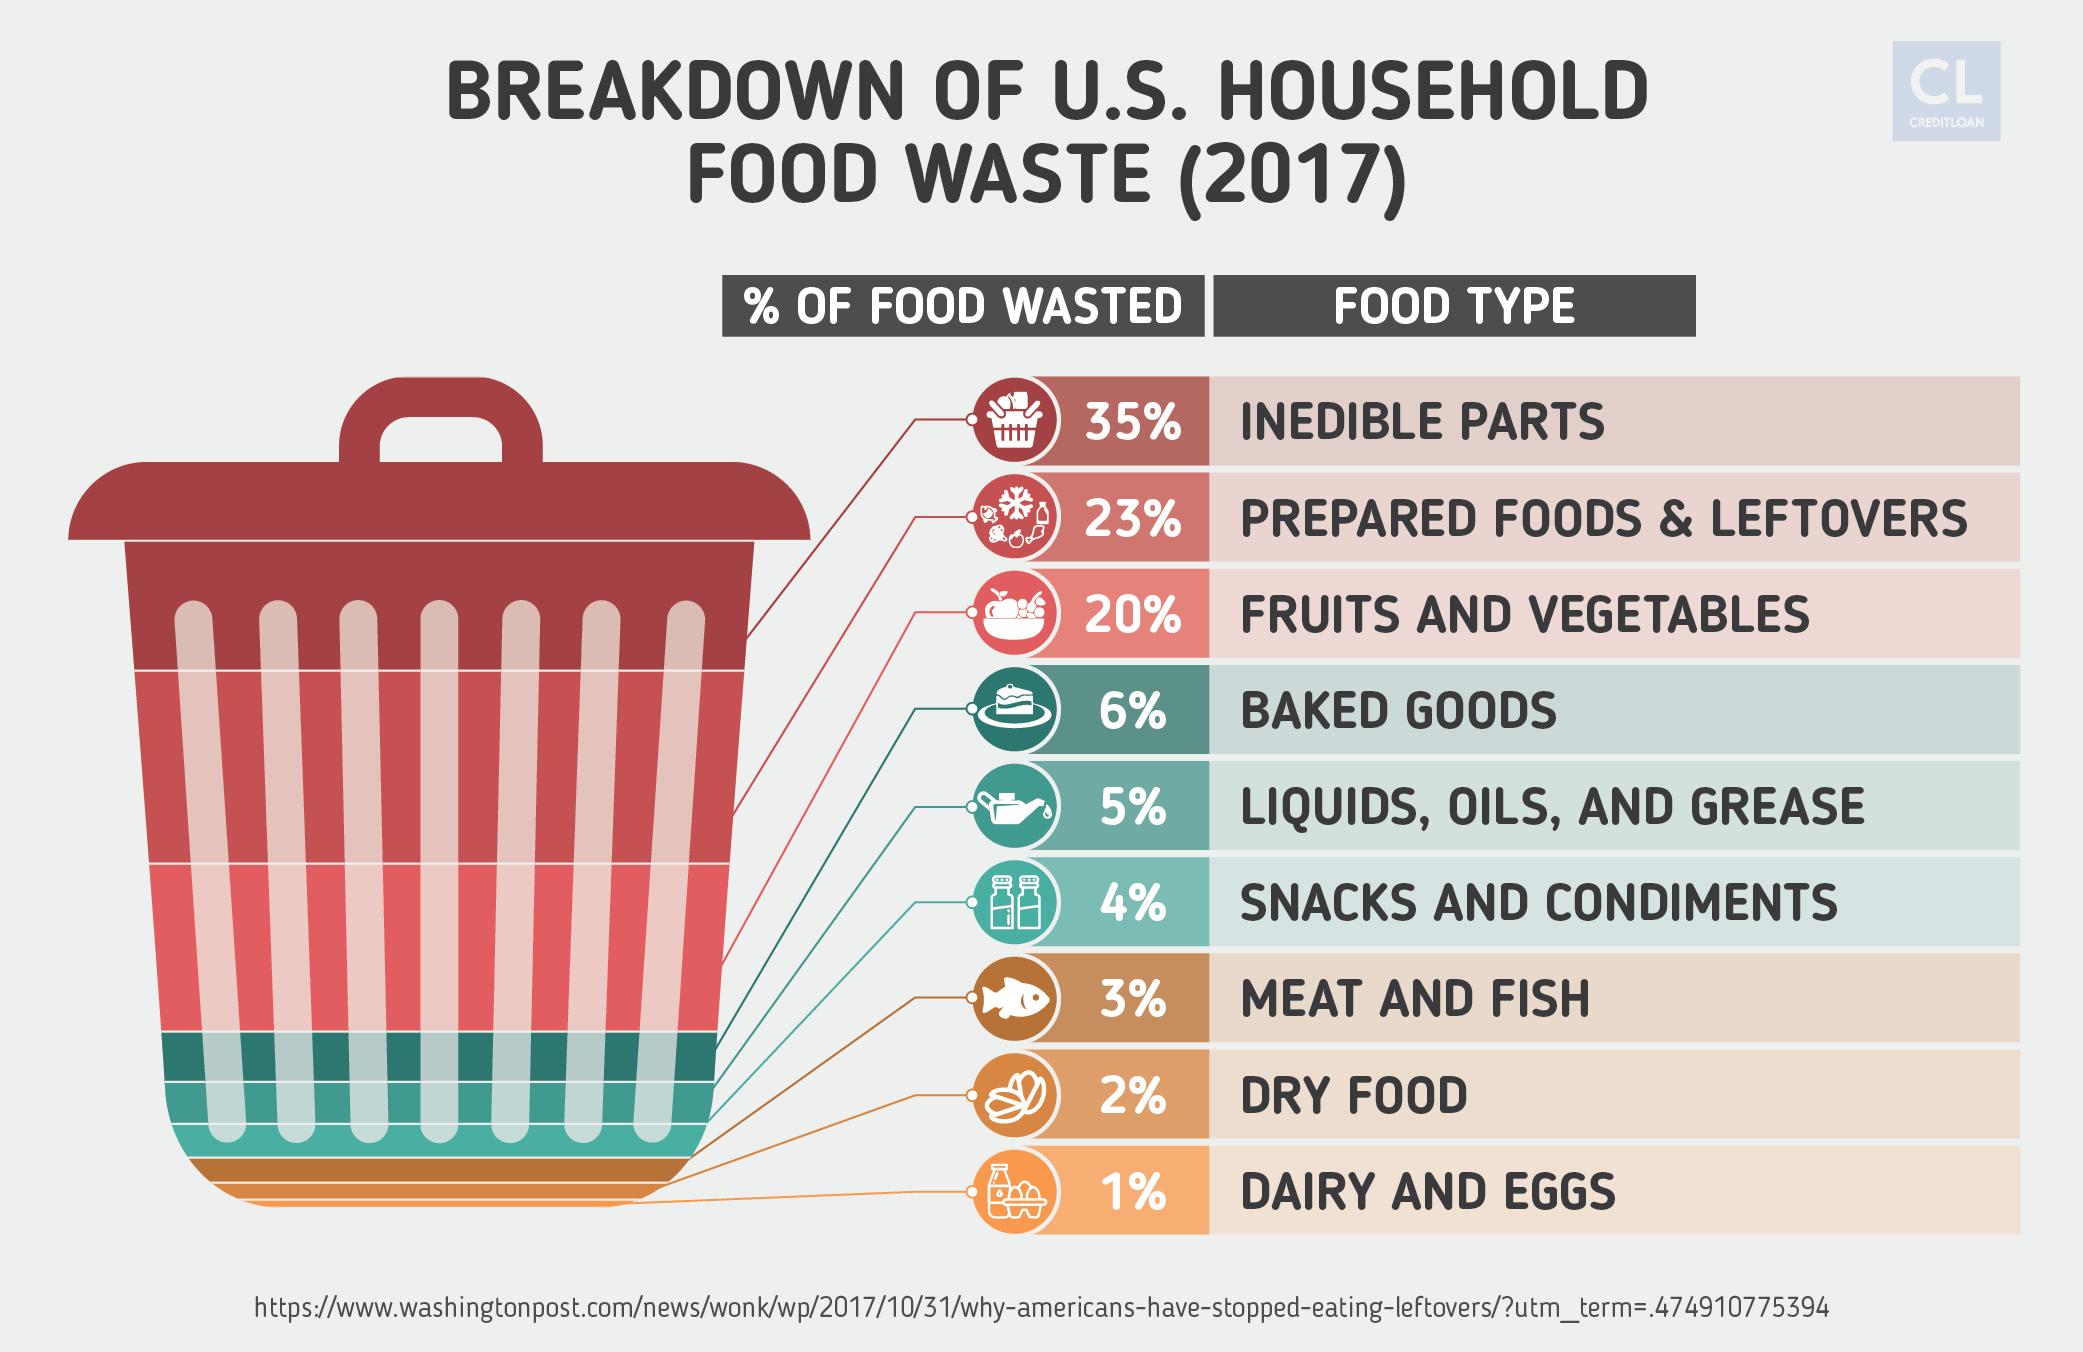 2017 Breakdown of U.S. Household Food Waste